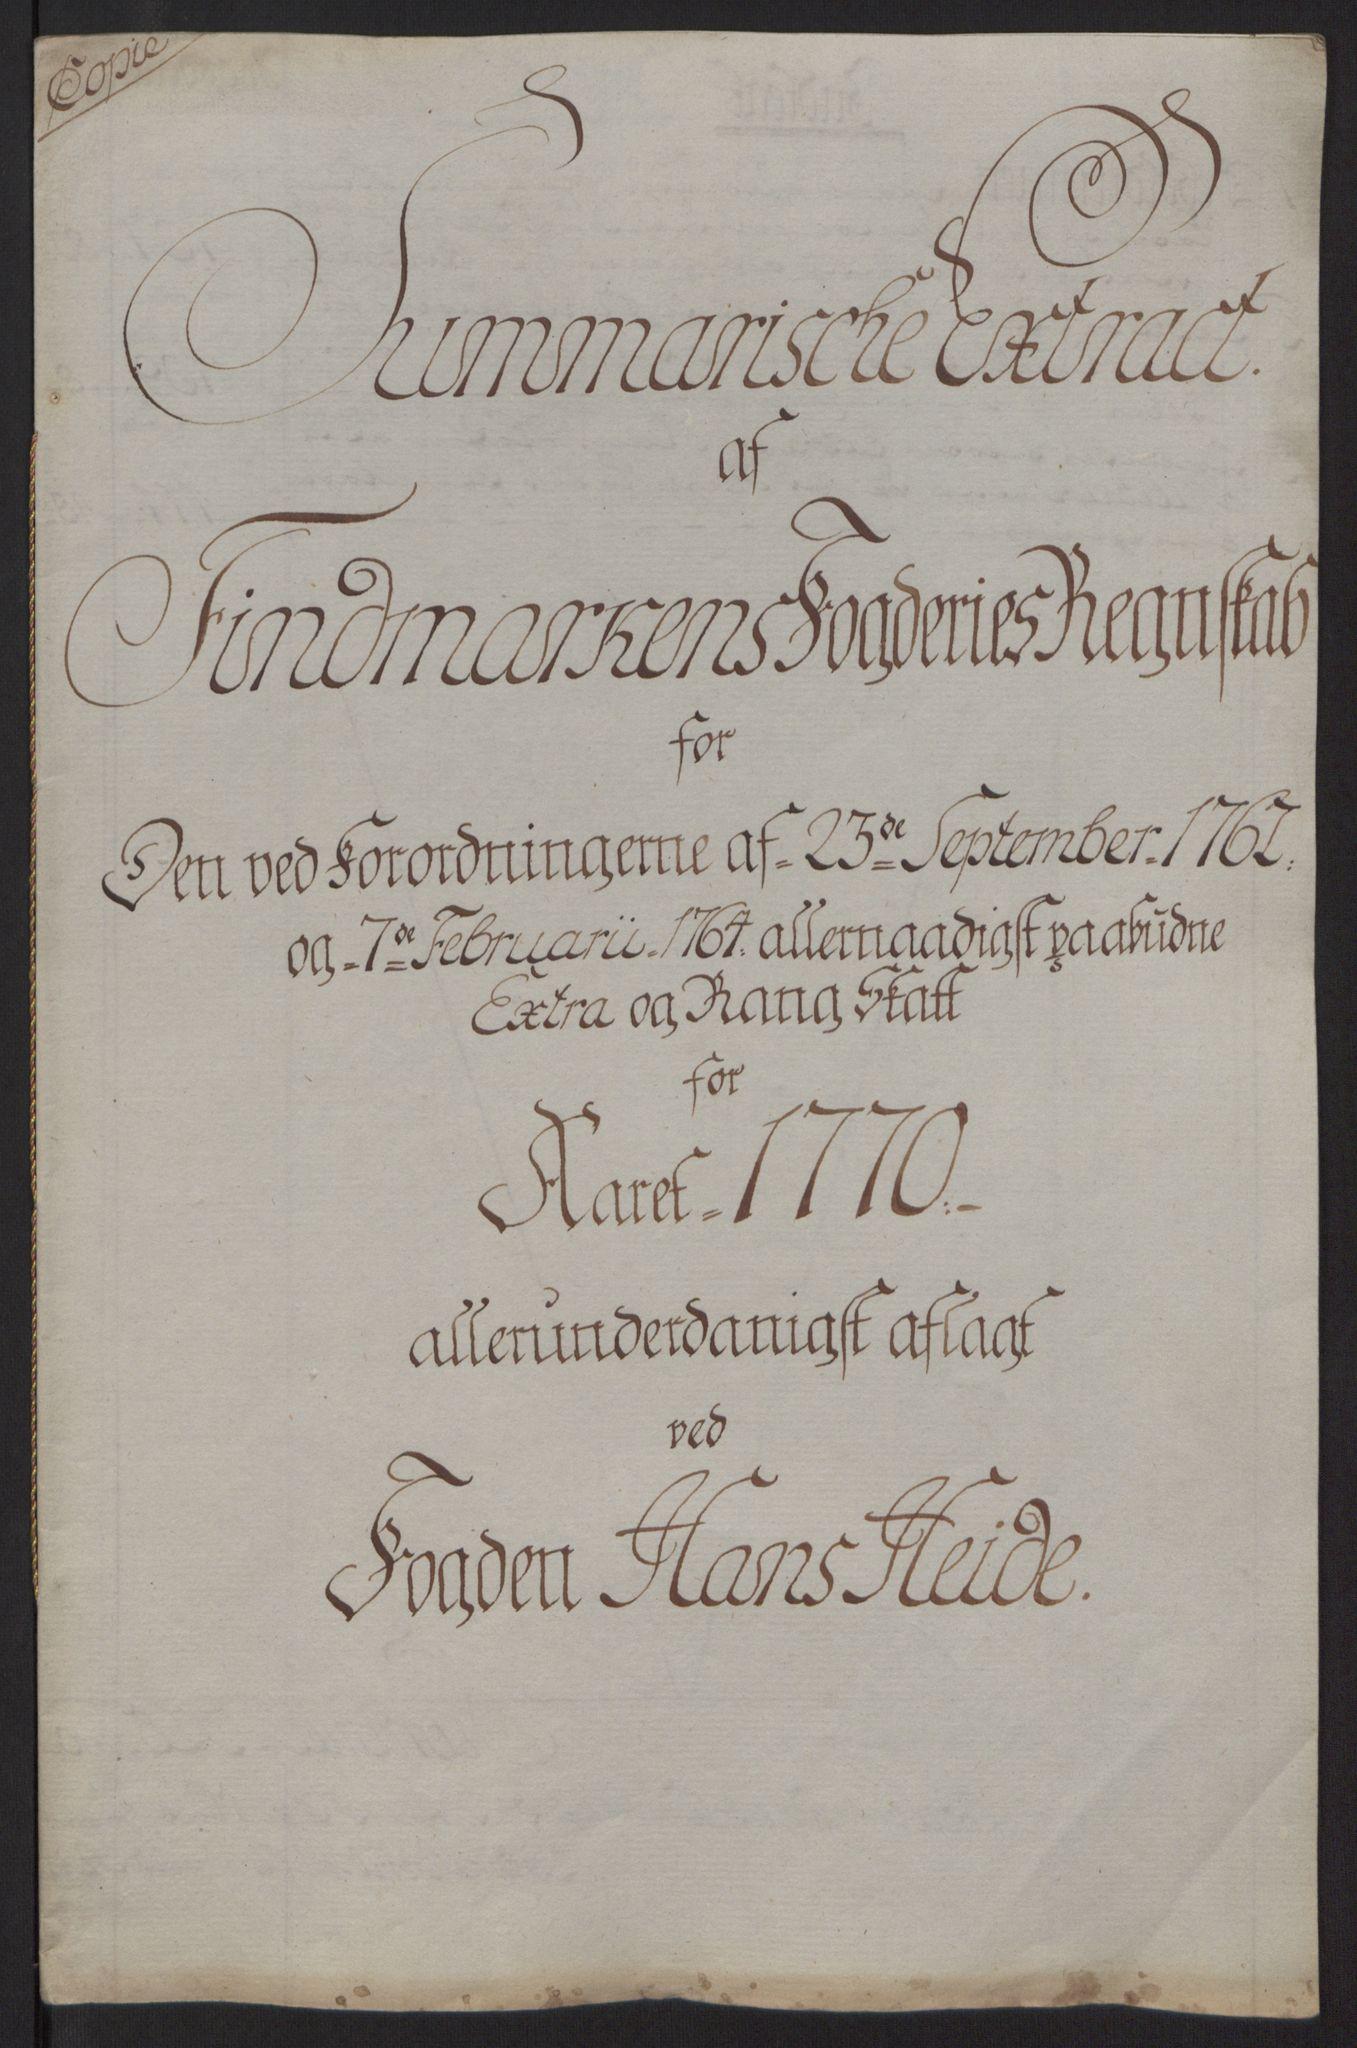 RA, Rentekammeret inntil 1814, Reviderte regnskaper, Fogderegnskap, R69/L4910: Ekstraskatten  Finnmark/Vardøhus, 1762-1772, s. 366